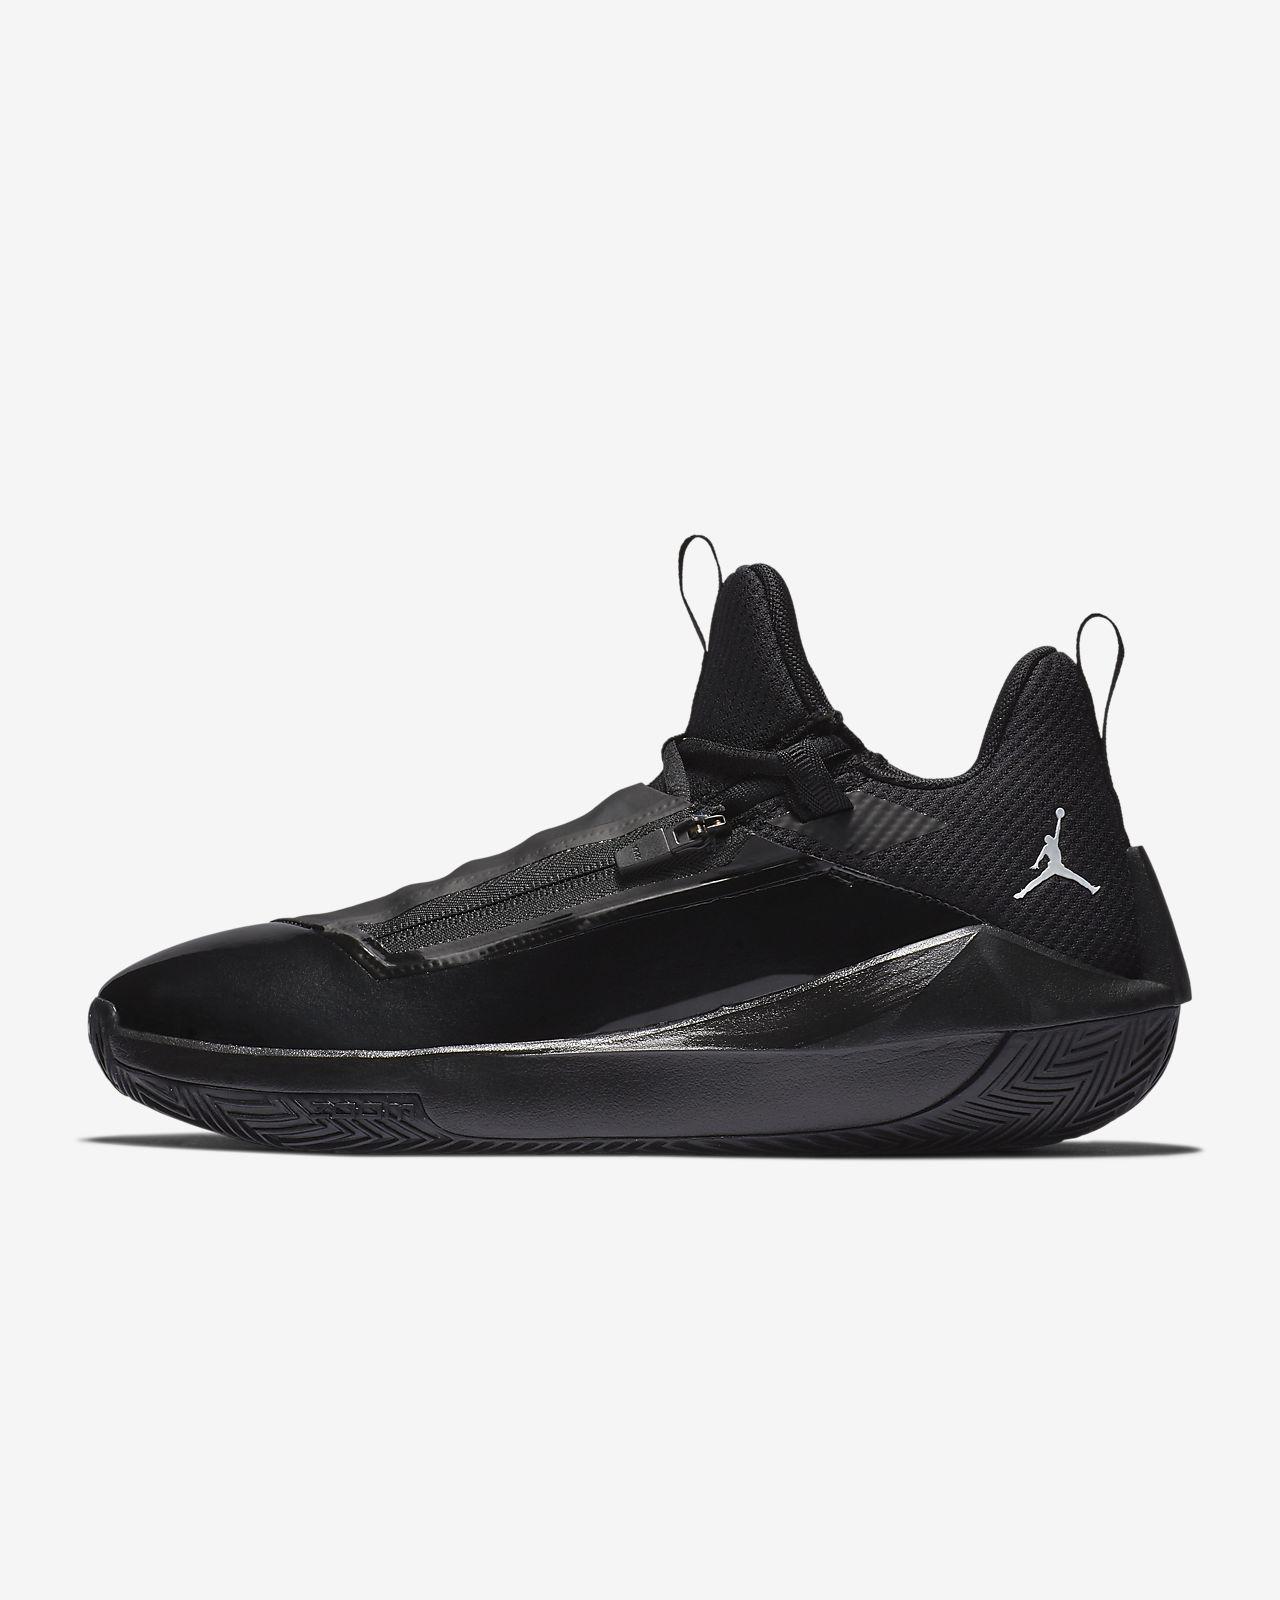 Мужские баскетбольные кроссовки Jordan Jumpman Hustle. Nike.com RU 230290a2f37